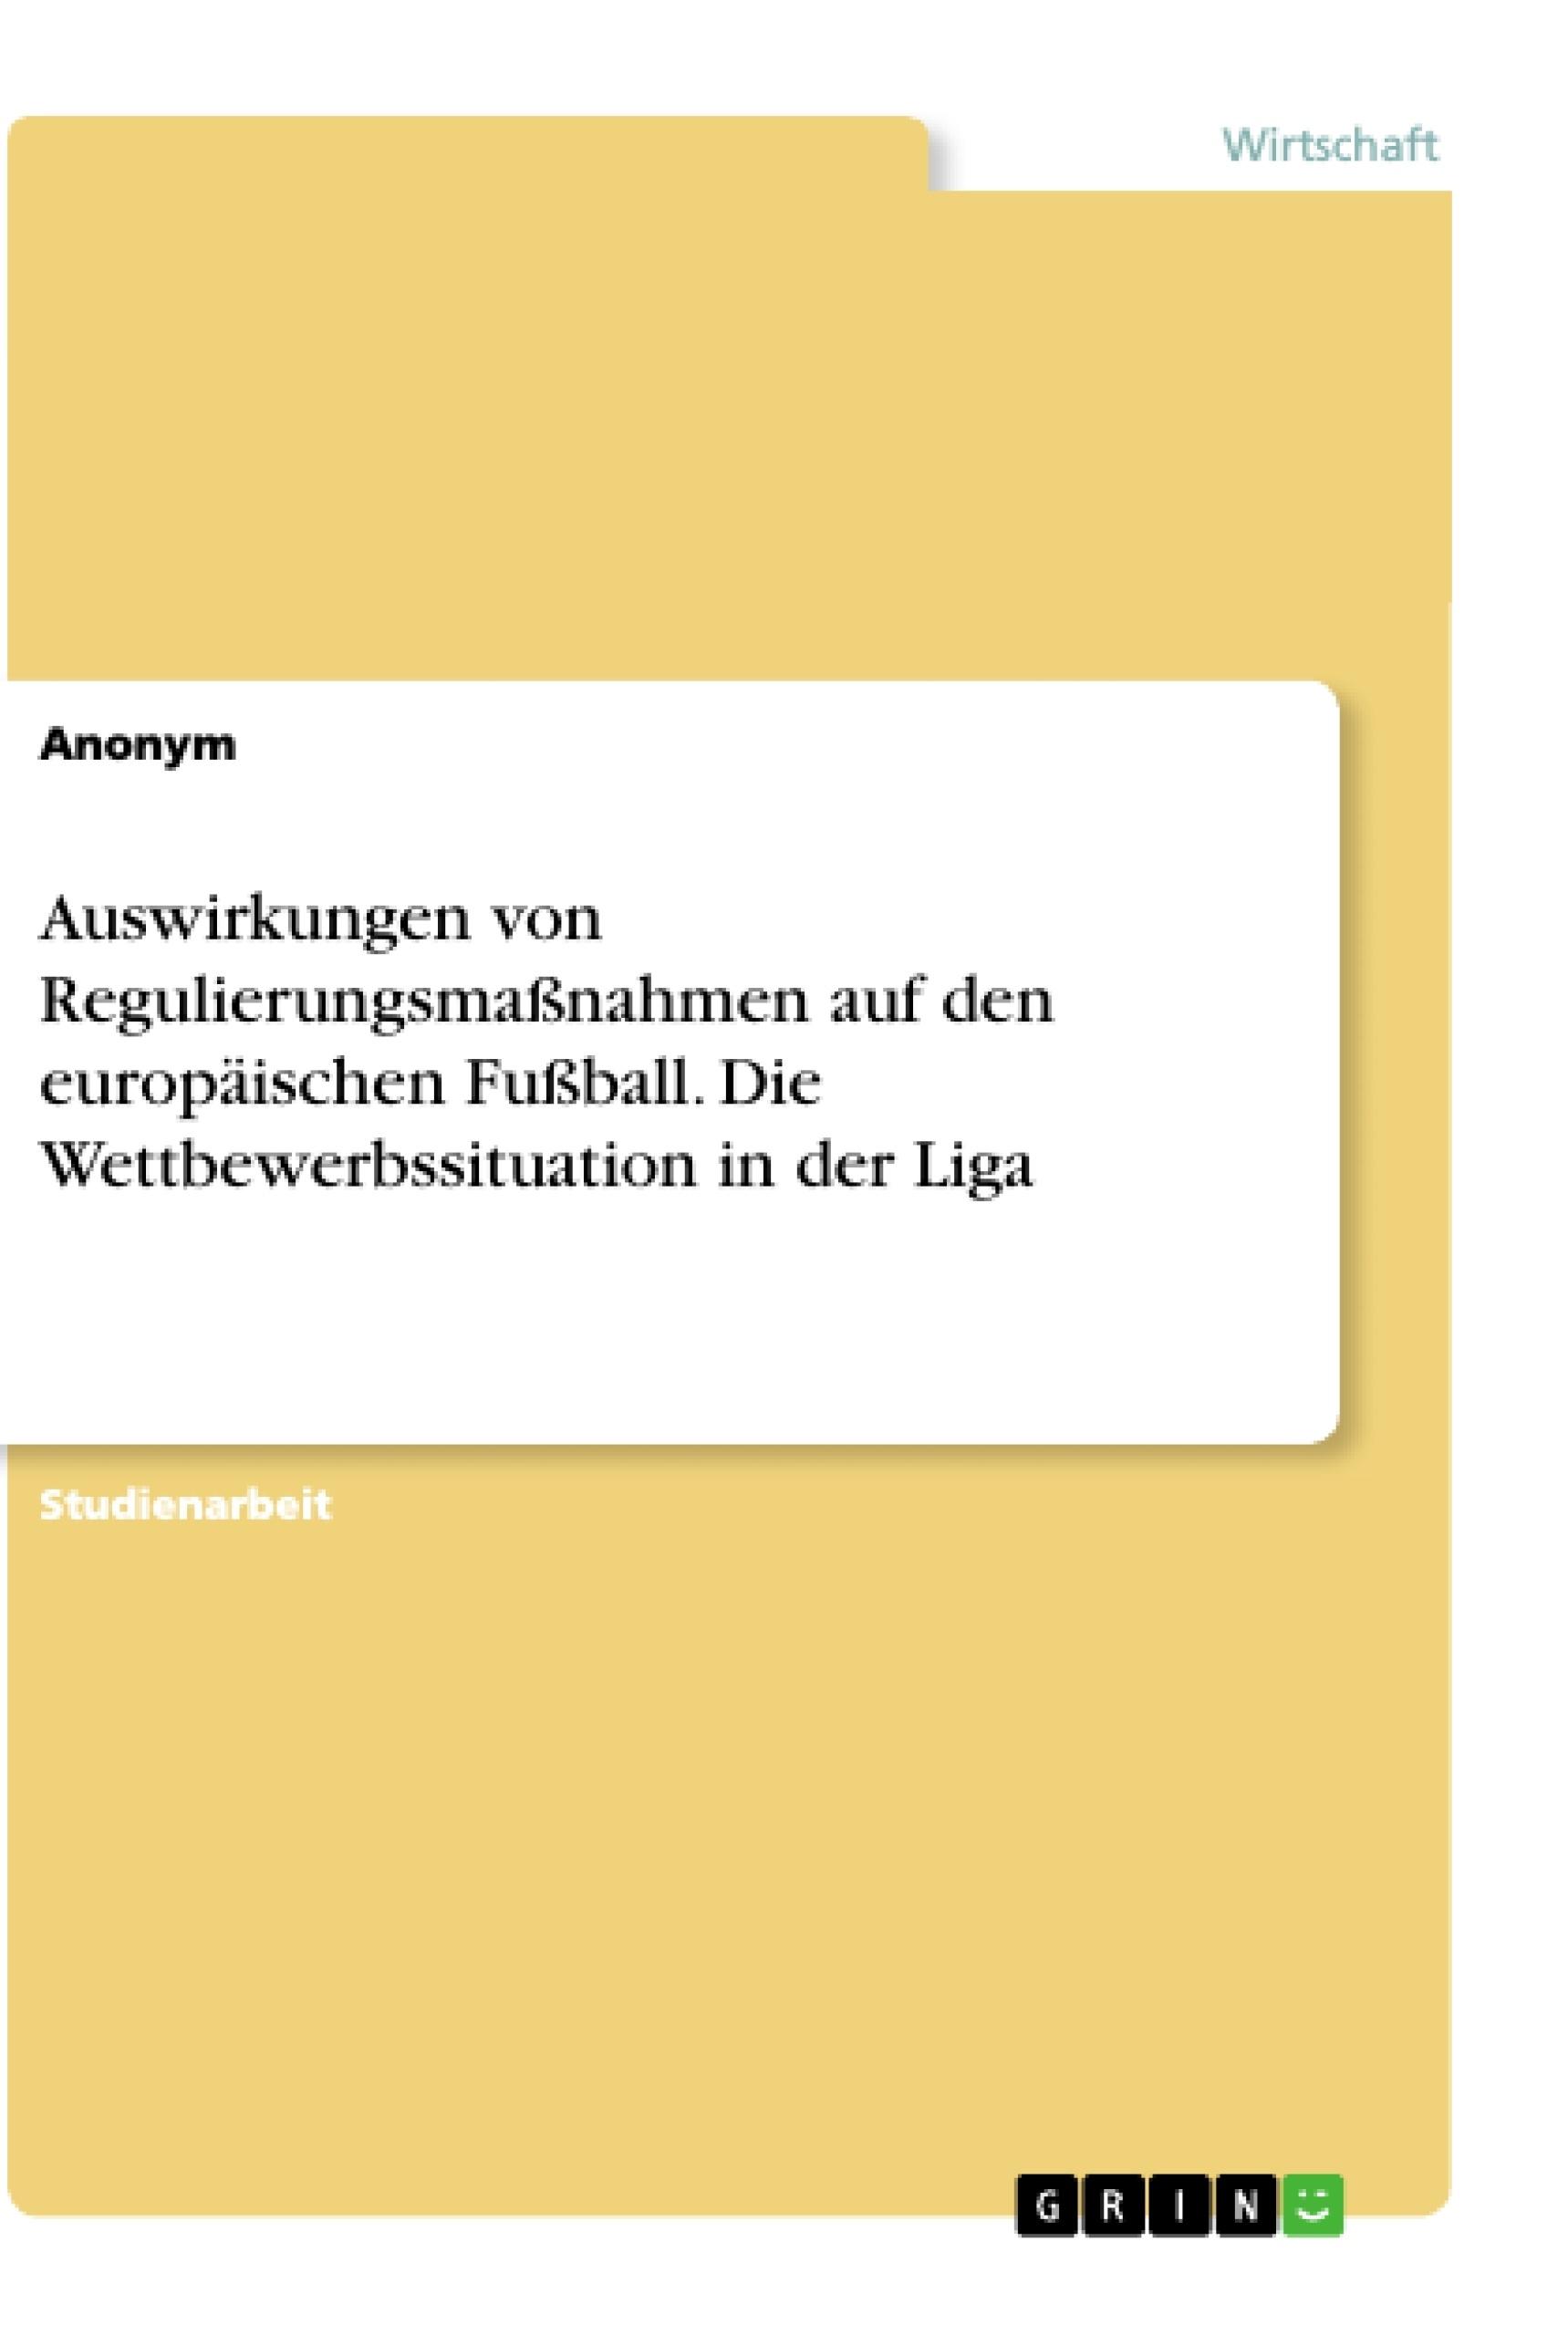 Titel: Auswirkungen von Regulierungsmaßnahmen auf den europäischen Fußball. Die Wettbewerbssituation in der Liga